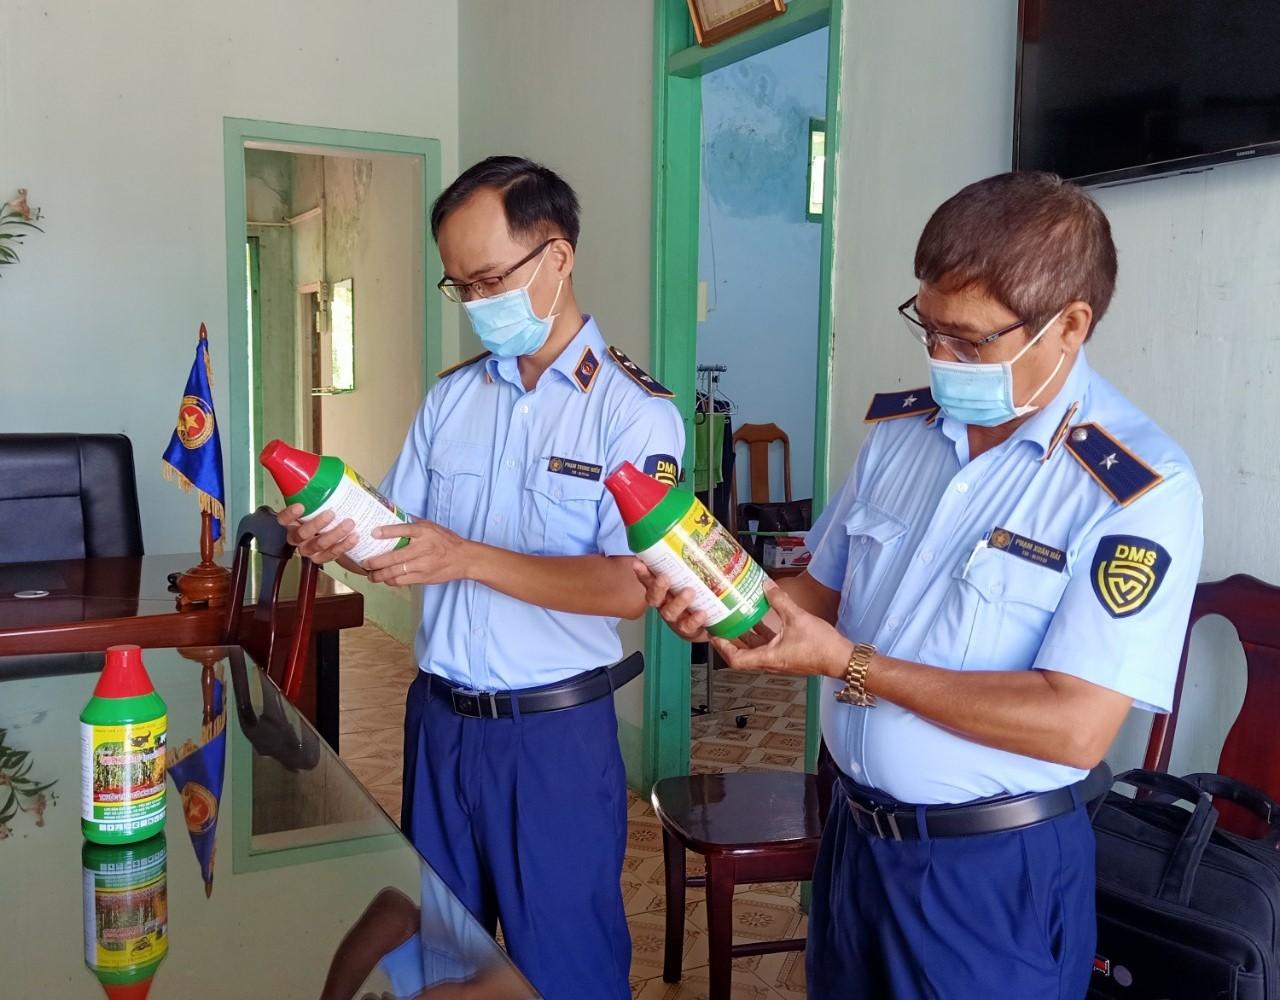 Thuốc bảo vệ thực vật chứa hoạt chất Glyphosate cấm sử dụng tại Việt Nam vẫn được bày bán - Ảnh 1.